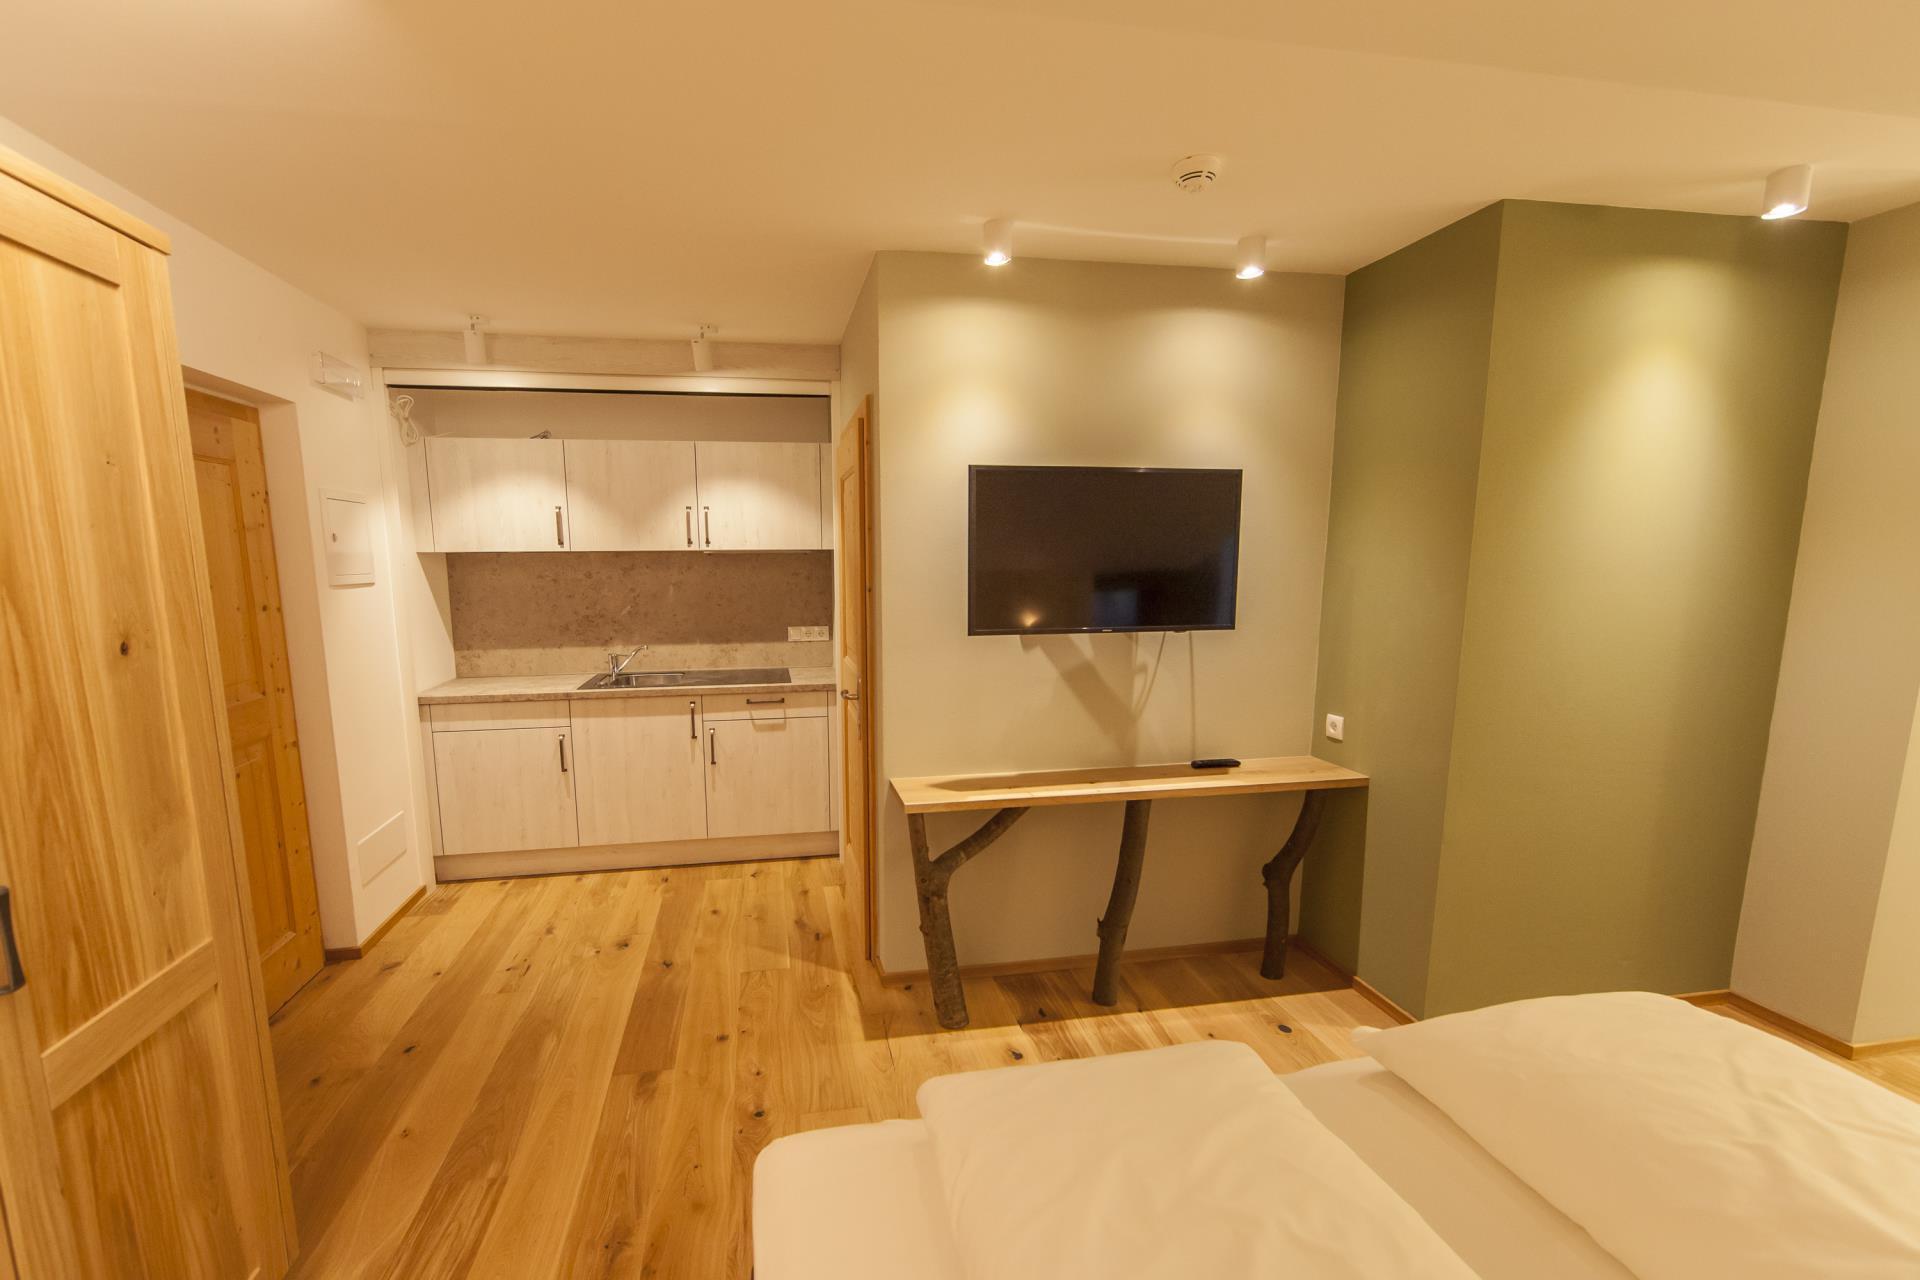 Zimmer latemar unterkunft rosengarten dolomiten hotel for A suite salon jupiter